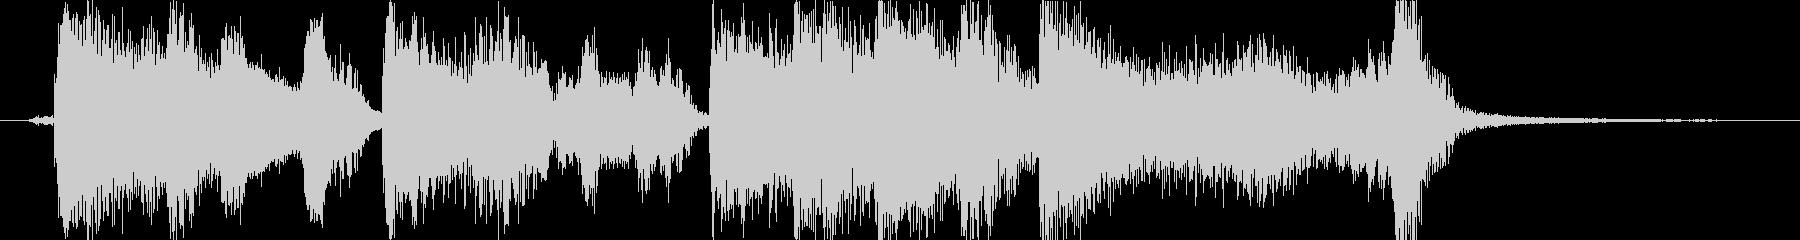 レトロでおしゃれなアコーディオンの未再生の波形